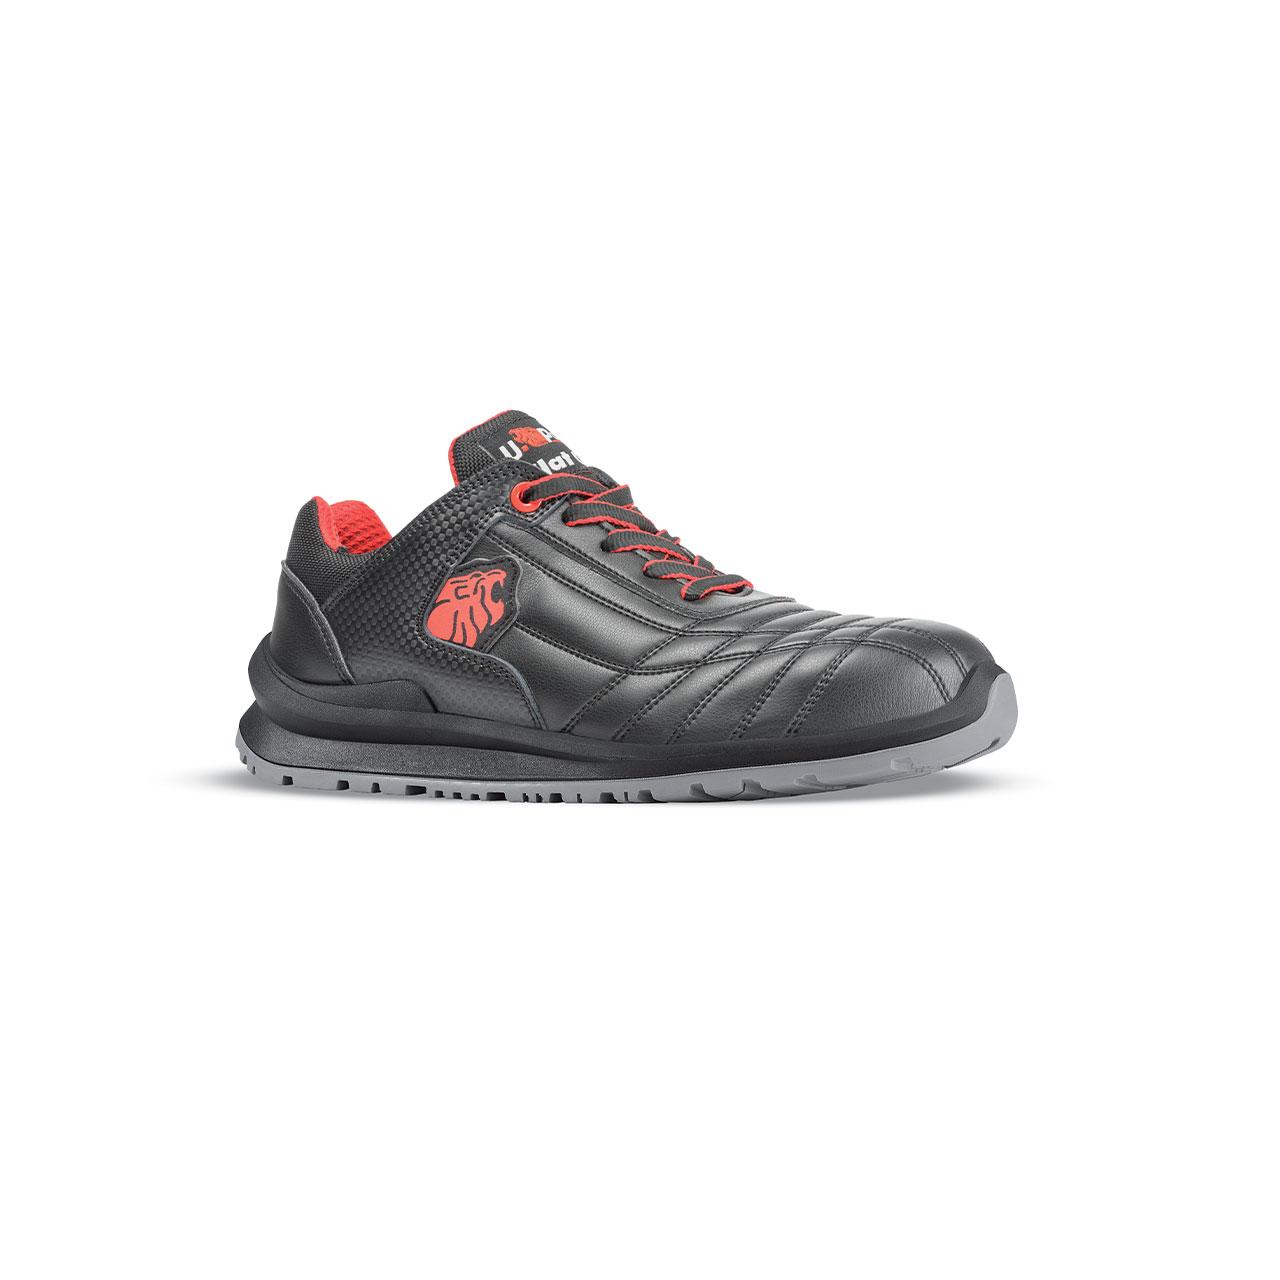 scarpa antinfortunistica upower modello ari linea flatout vista laterale